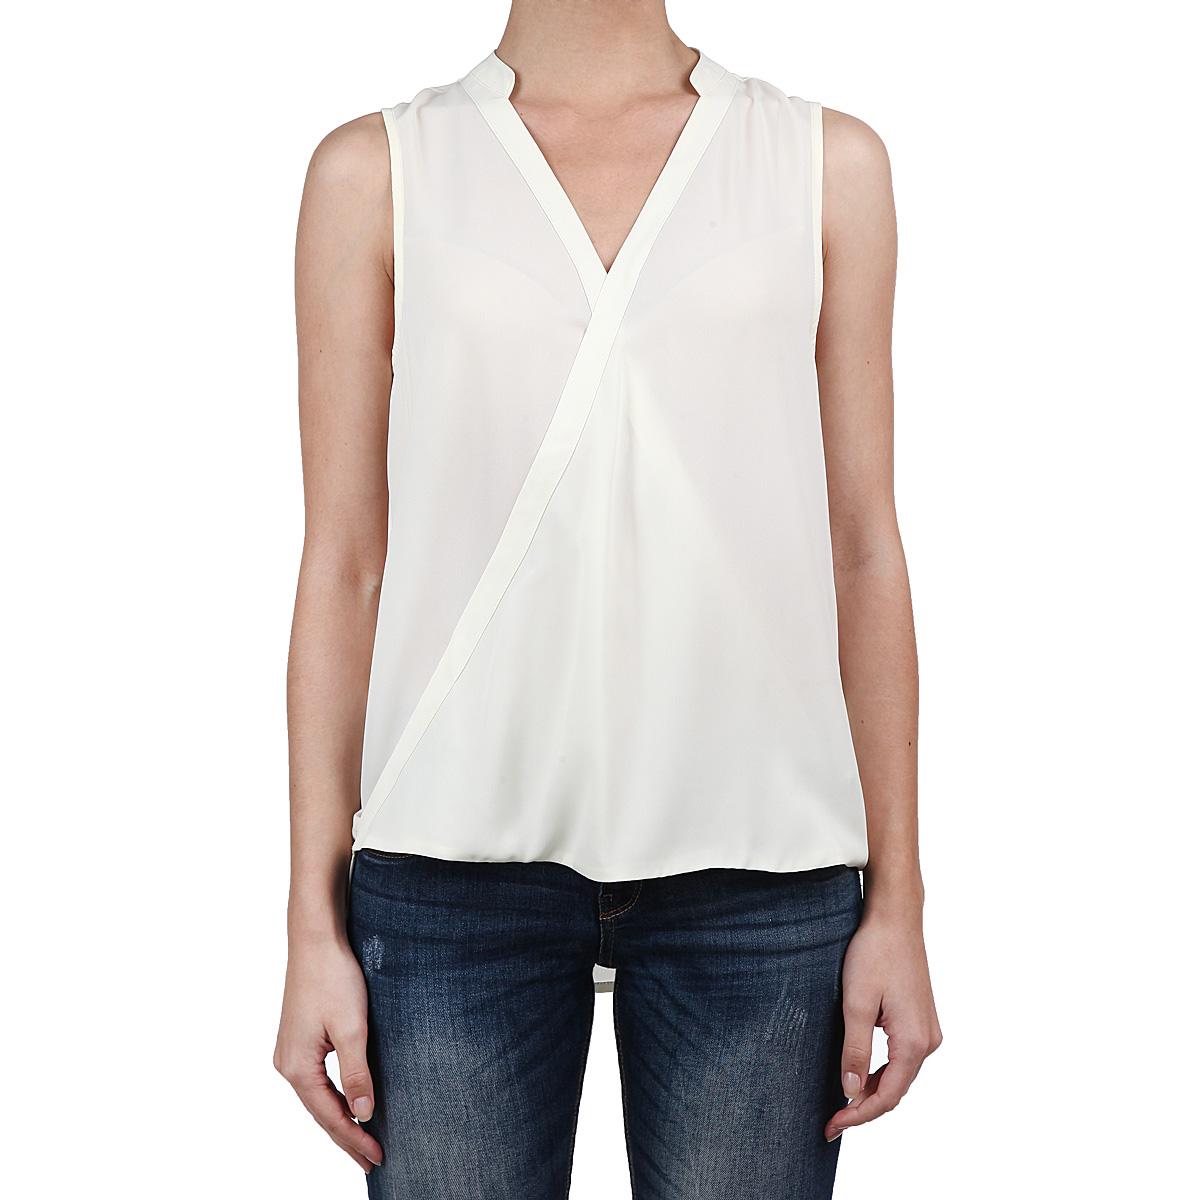 Блузка2030044.00.71_8005Великолепная легкая блузка Tom Tailor с заниженной спинкой выполнена из высококачественного полупрозрачного материала - очень мягкого и приятного на ощупь полиэстера. Модель свободного кроя с запахом на груди, без рукавов, с V-образным вырезом горловины. Очаровательная блузка займет достойное место в вашем гардеробе. Идеальный вариант для создания эффектного образа.